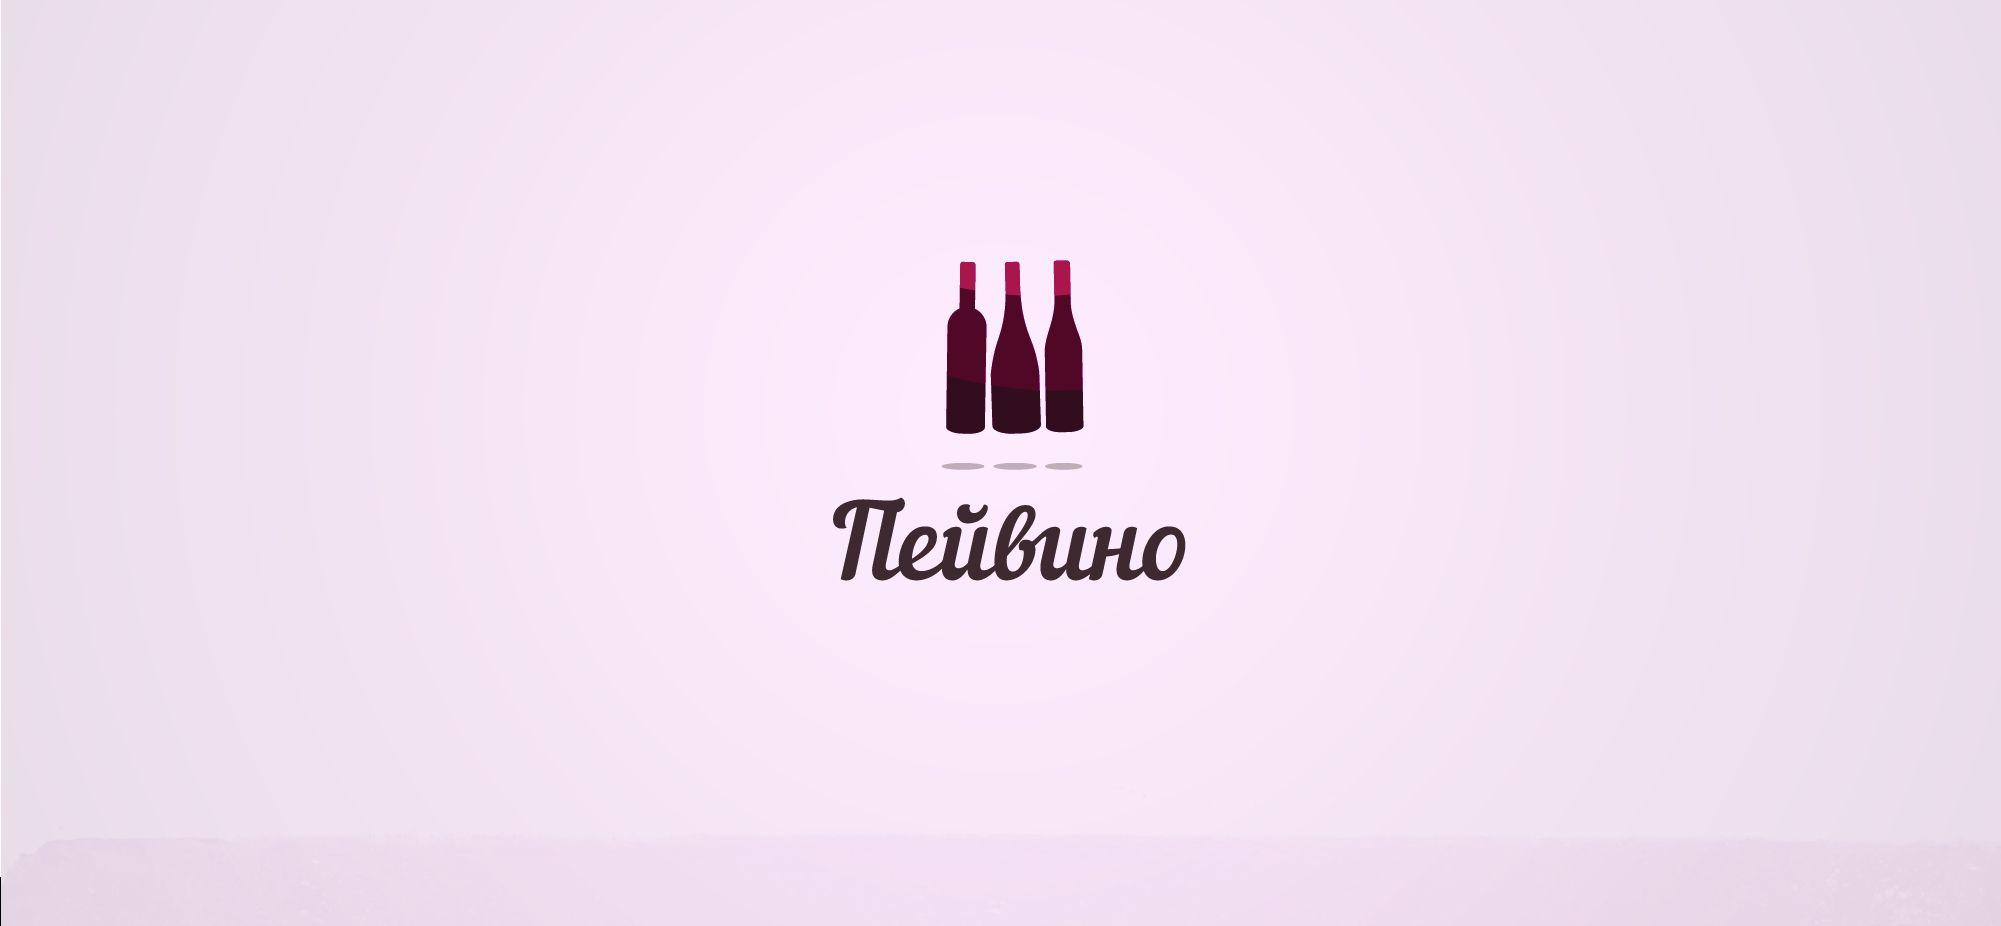 Фирменный стиль для компании Пейвино - дизайнер e5en